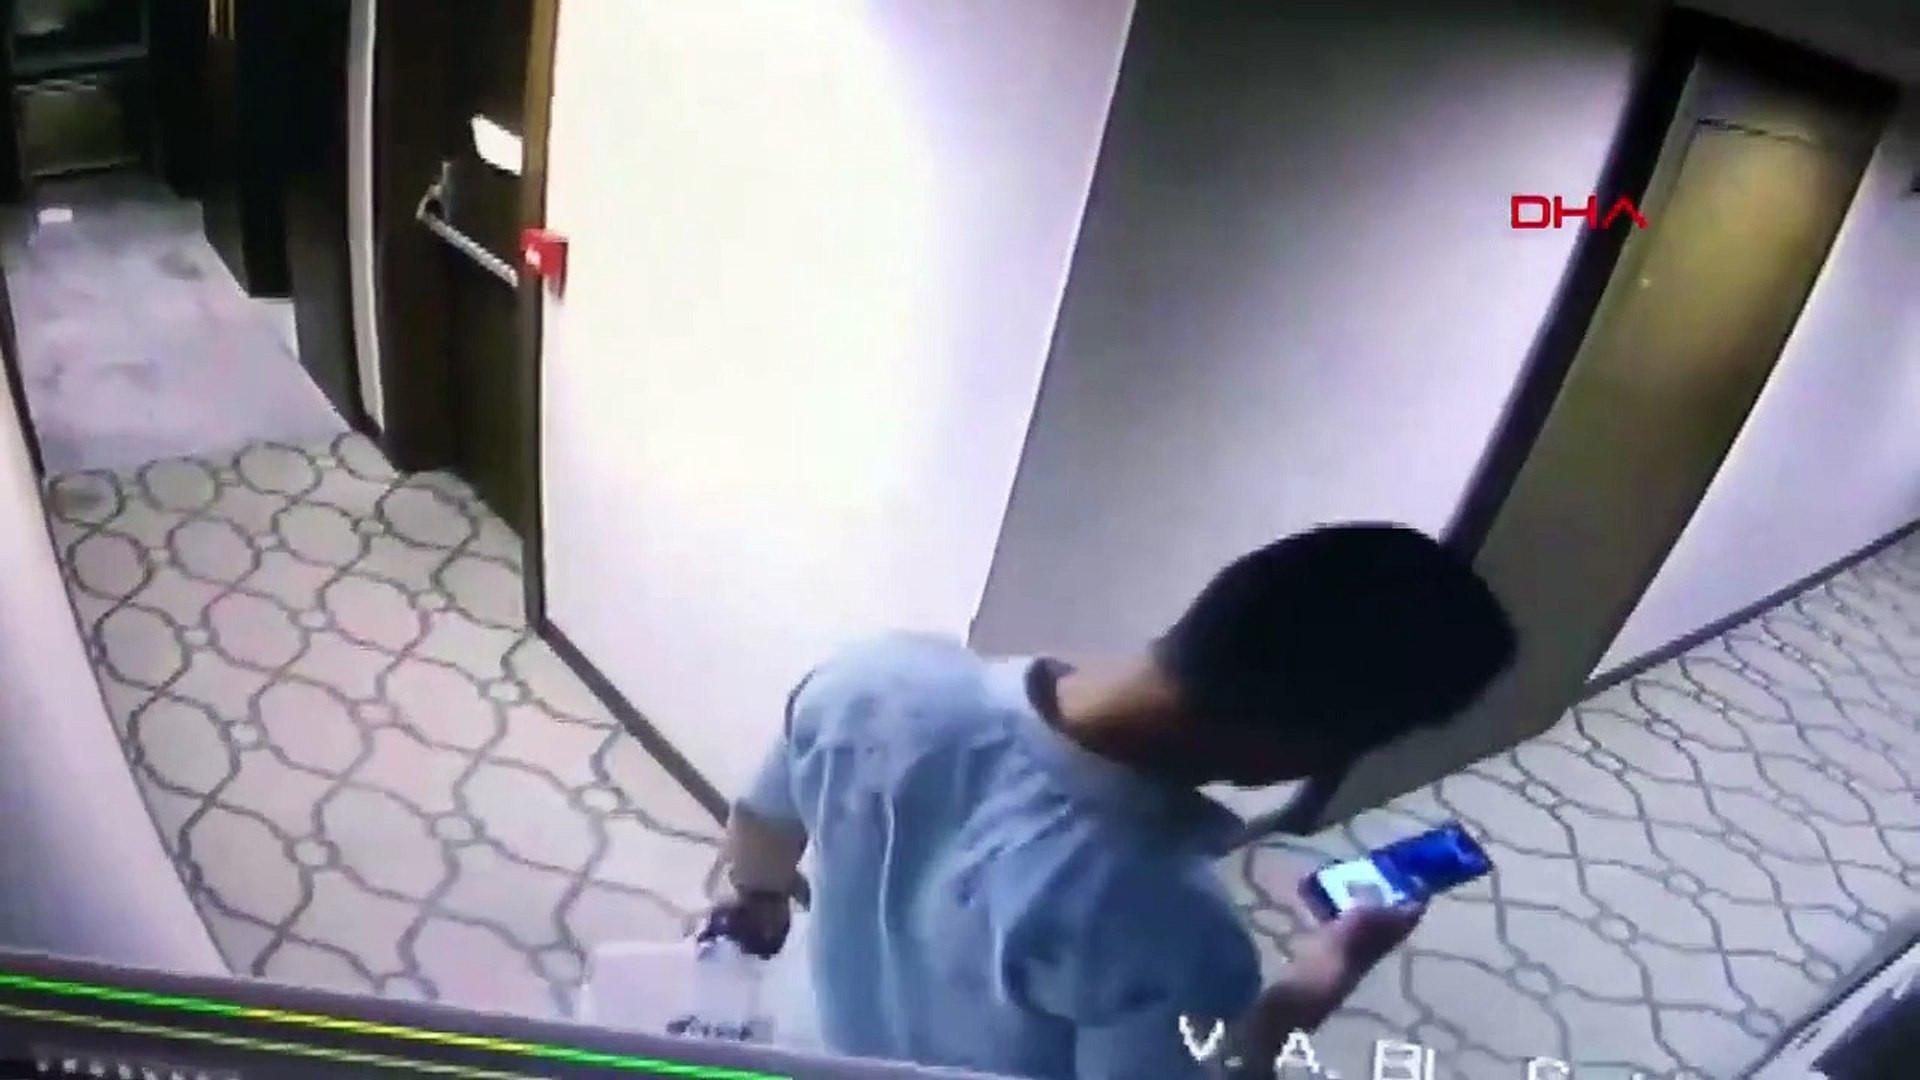 Otel odasında hayatını kaybeden Sedanur'un son görüntüleri ortaya çıktı